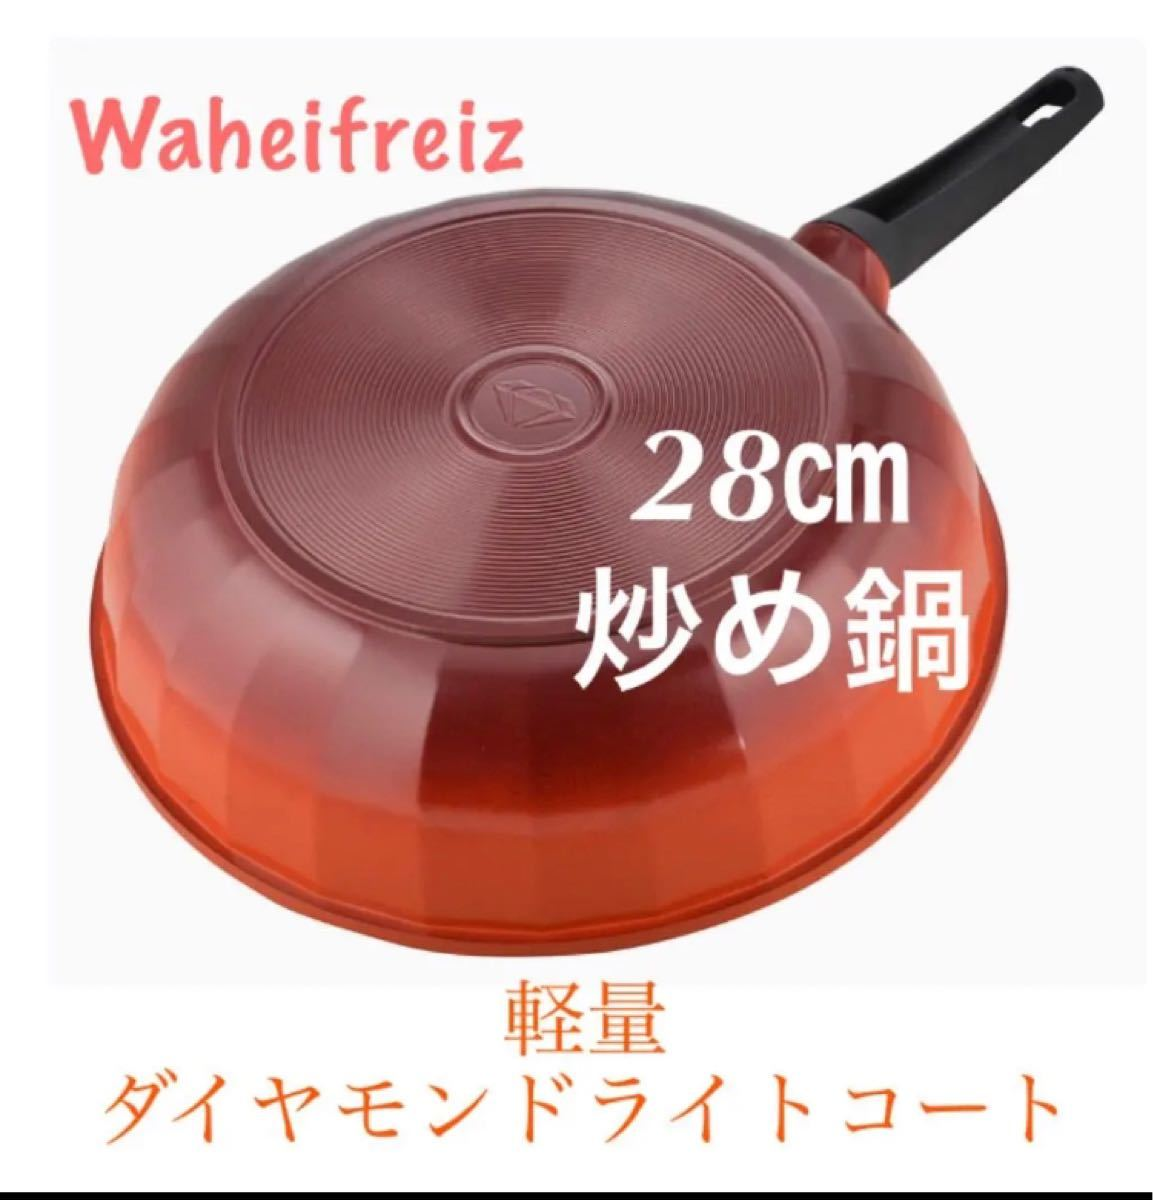 和平フレイズ深型フライパン 野菜炒め 中華料理 炒め鍋 ダイヤモンド・ライト 28cm 軽量タイプ ガス火専用 DR-7403新品